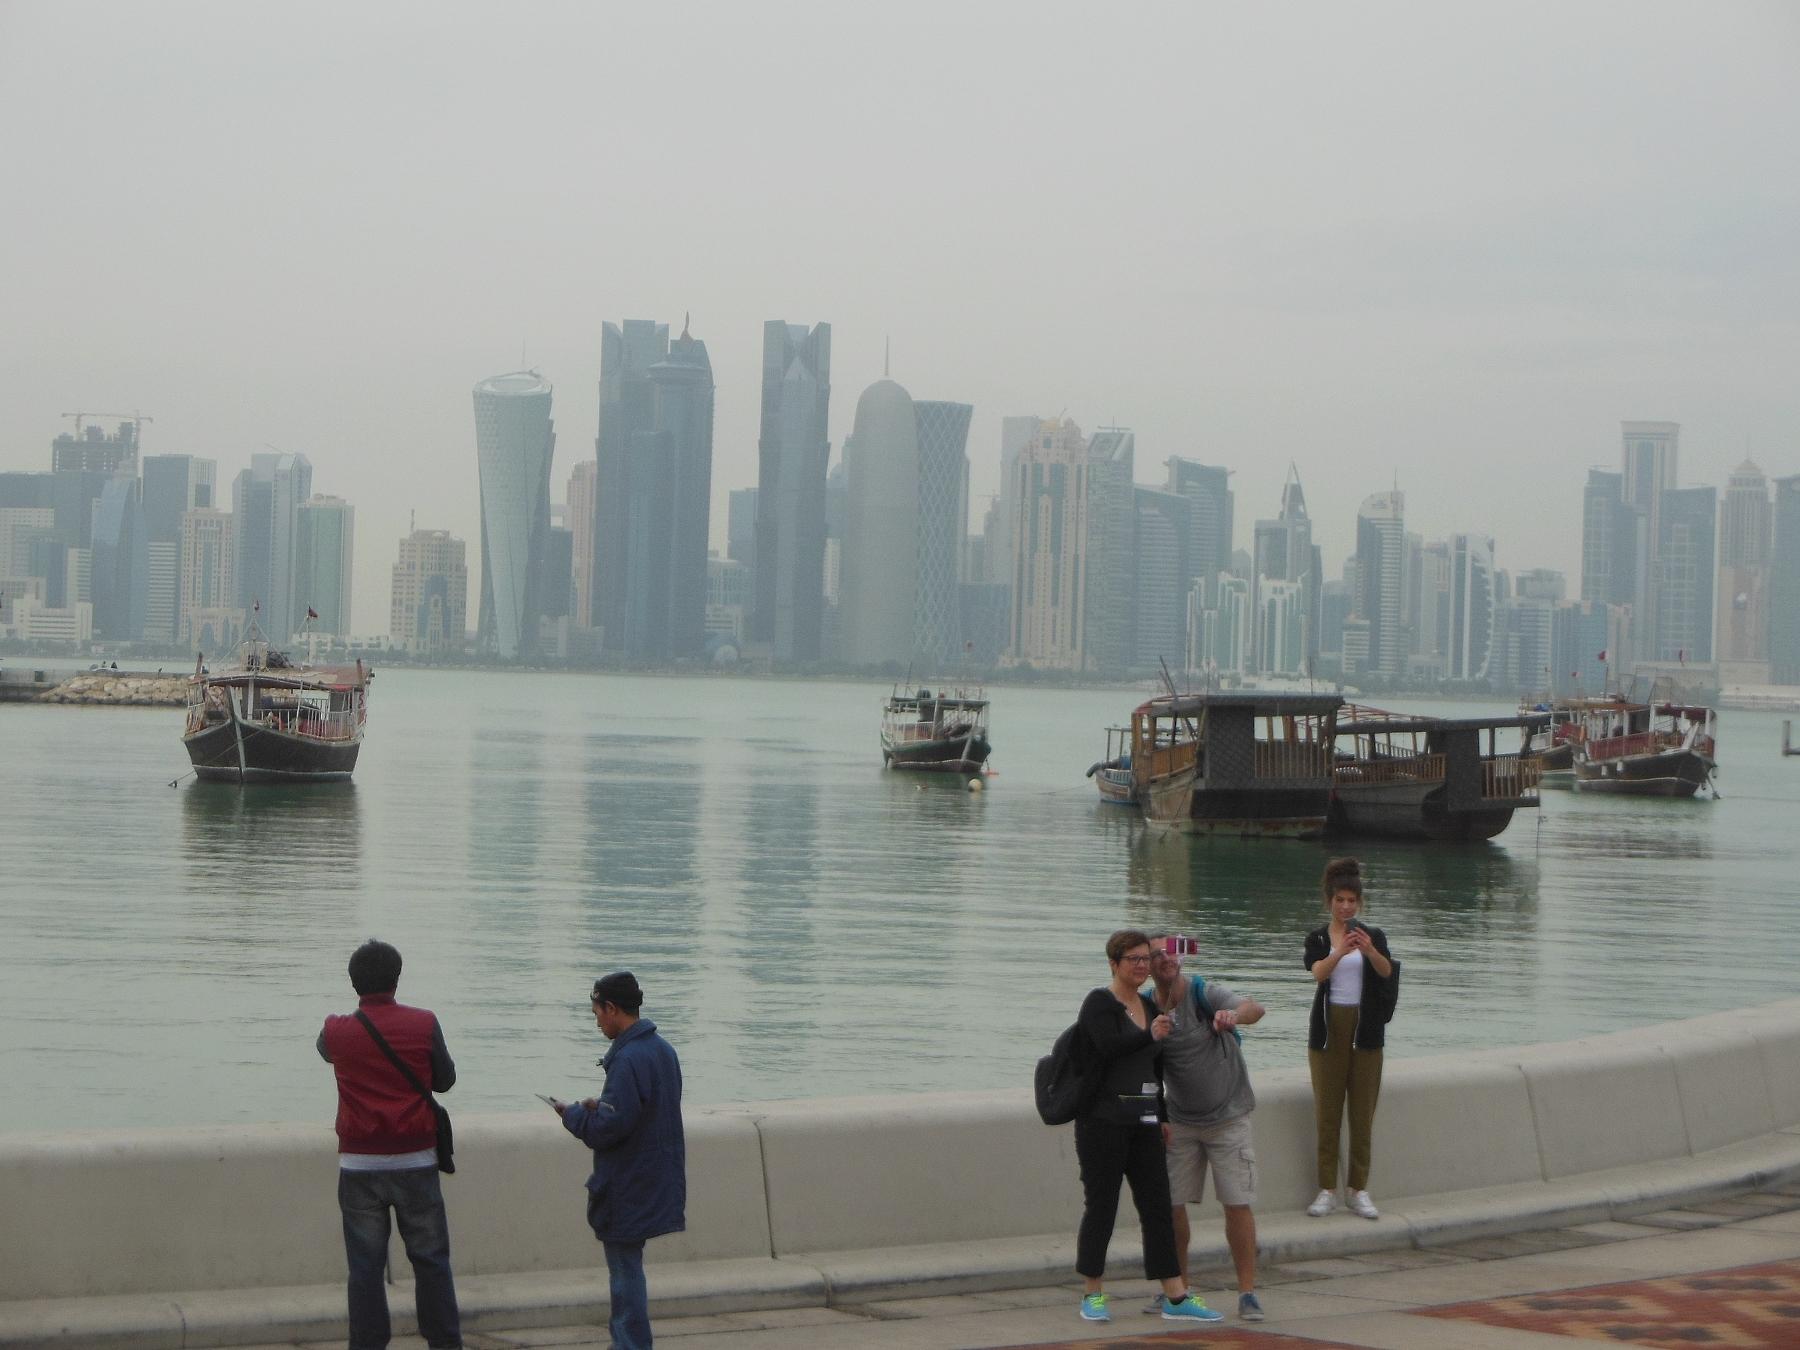 Dau Schiffe Doha Capital of Qatar (1800x1350) - Kopie